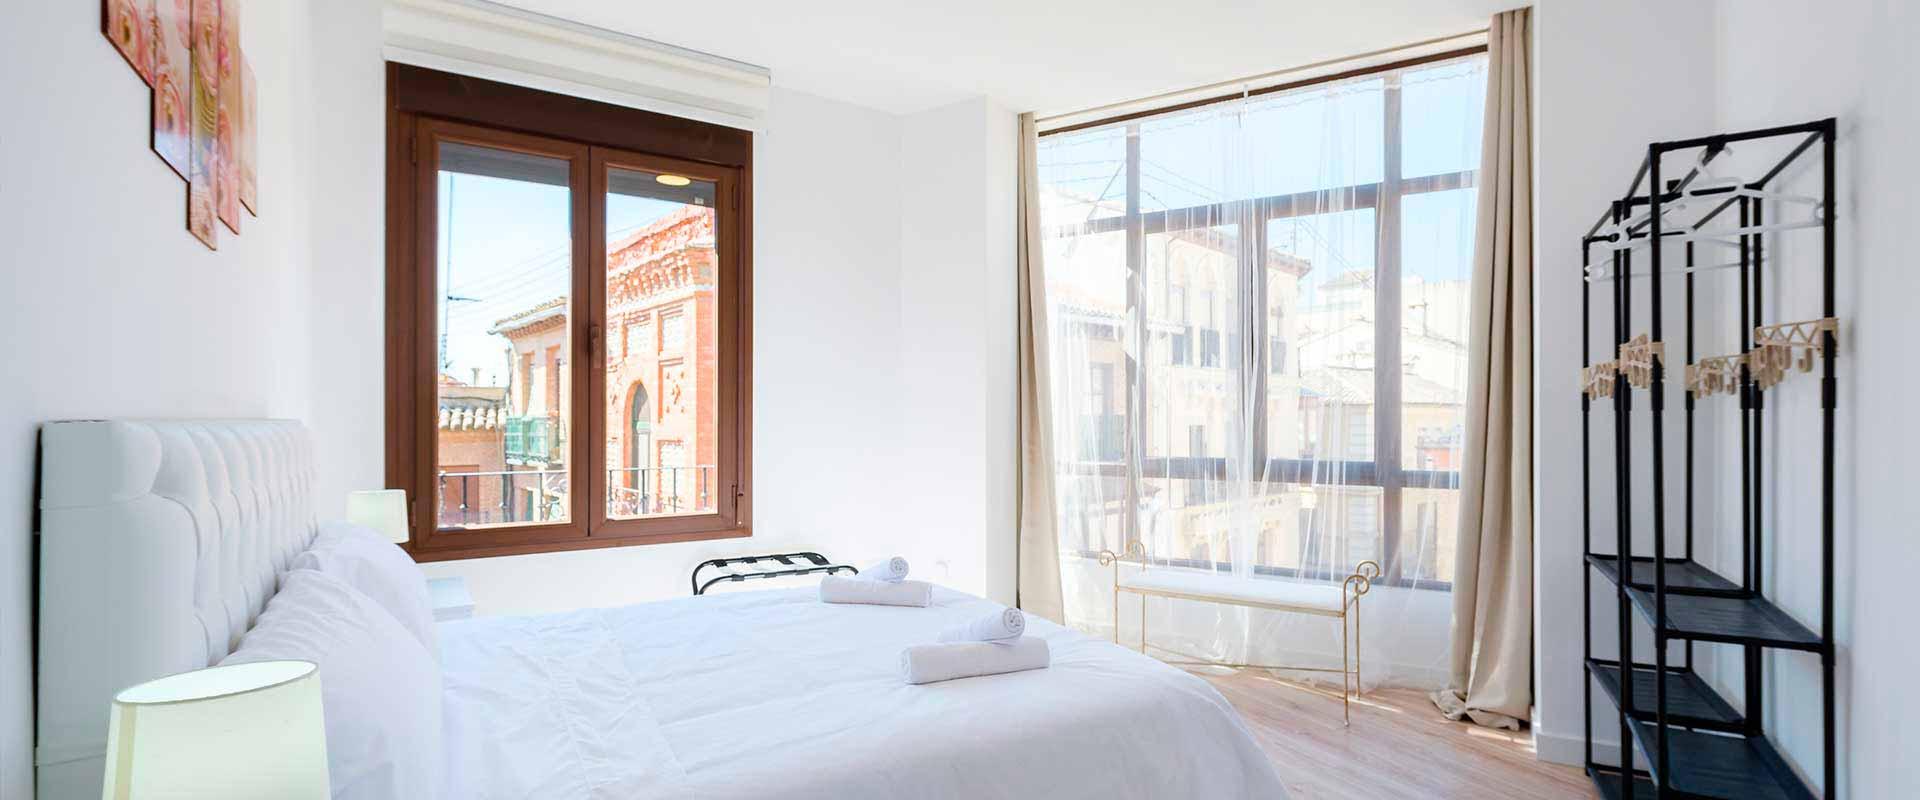 lascasasdezocodover 12 - Alojamiento para empresas en Toledo - Toledo Ap Alojamientos turísticos